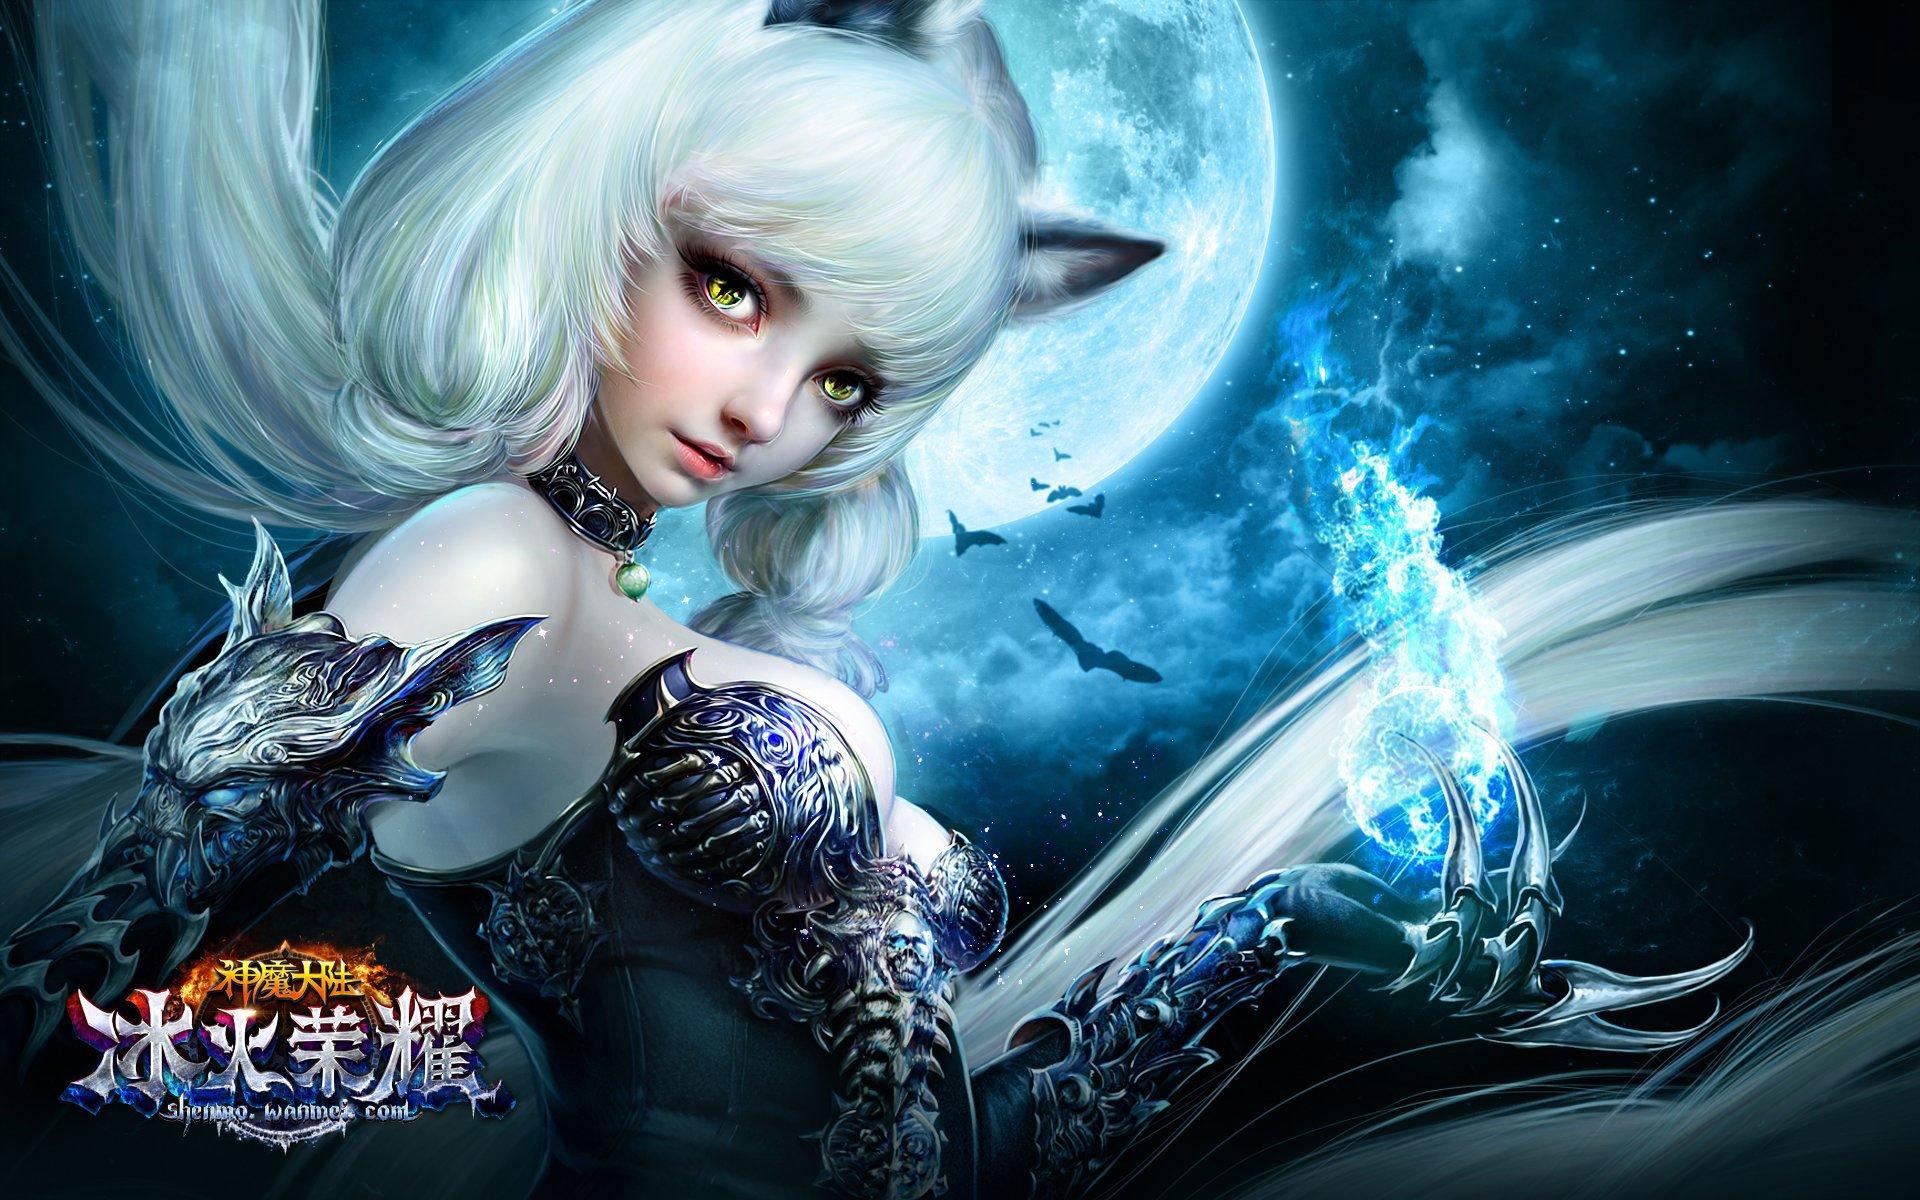 Wampire Moon Wallpaper Desktop 3d Forsaken World Shenmo Online Fantasy Mmo Rpg Perfect 1fwso